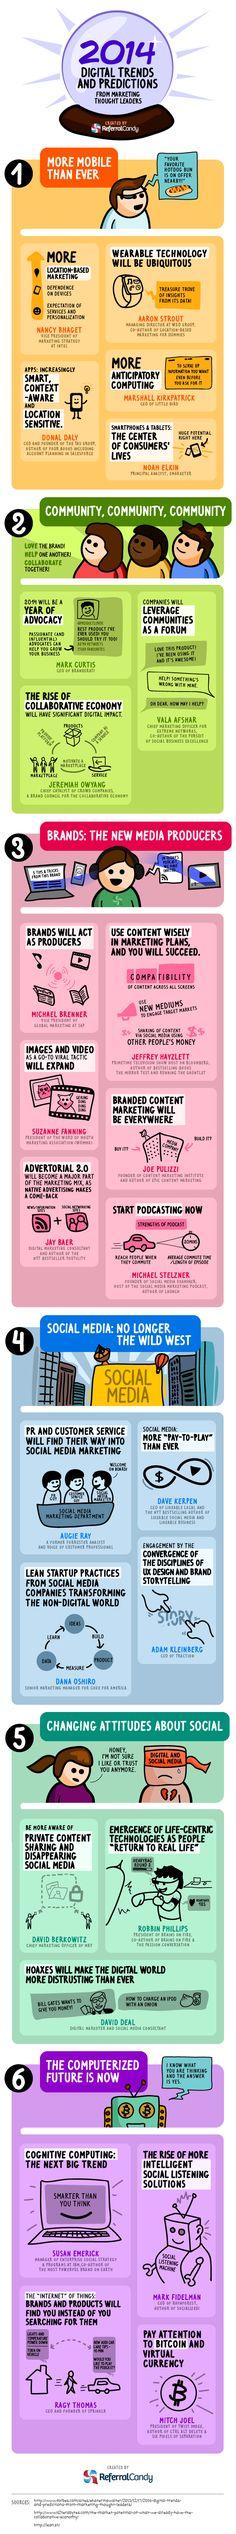 Tendencias digitales y predicciones en 2014 para Marketing #infografia #infographic